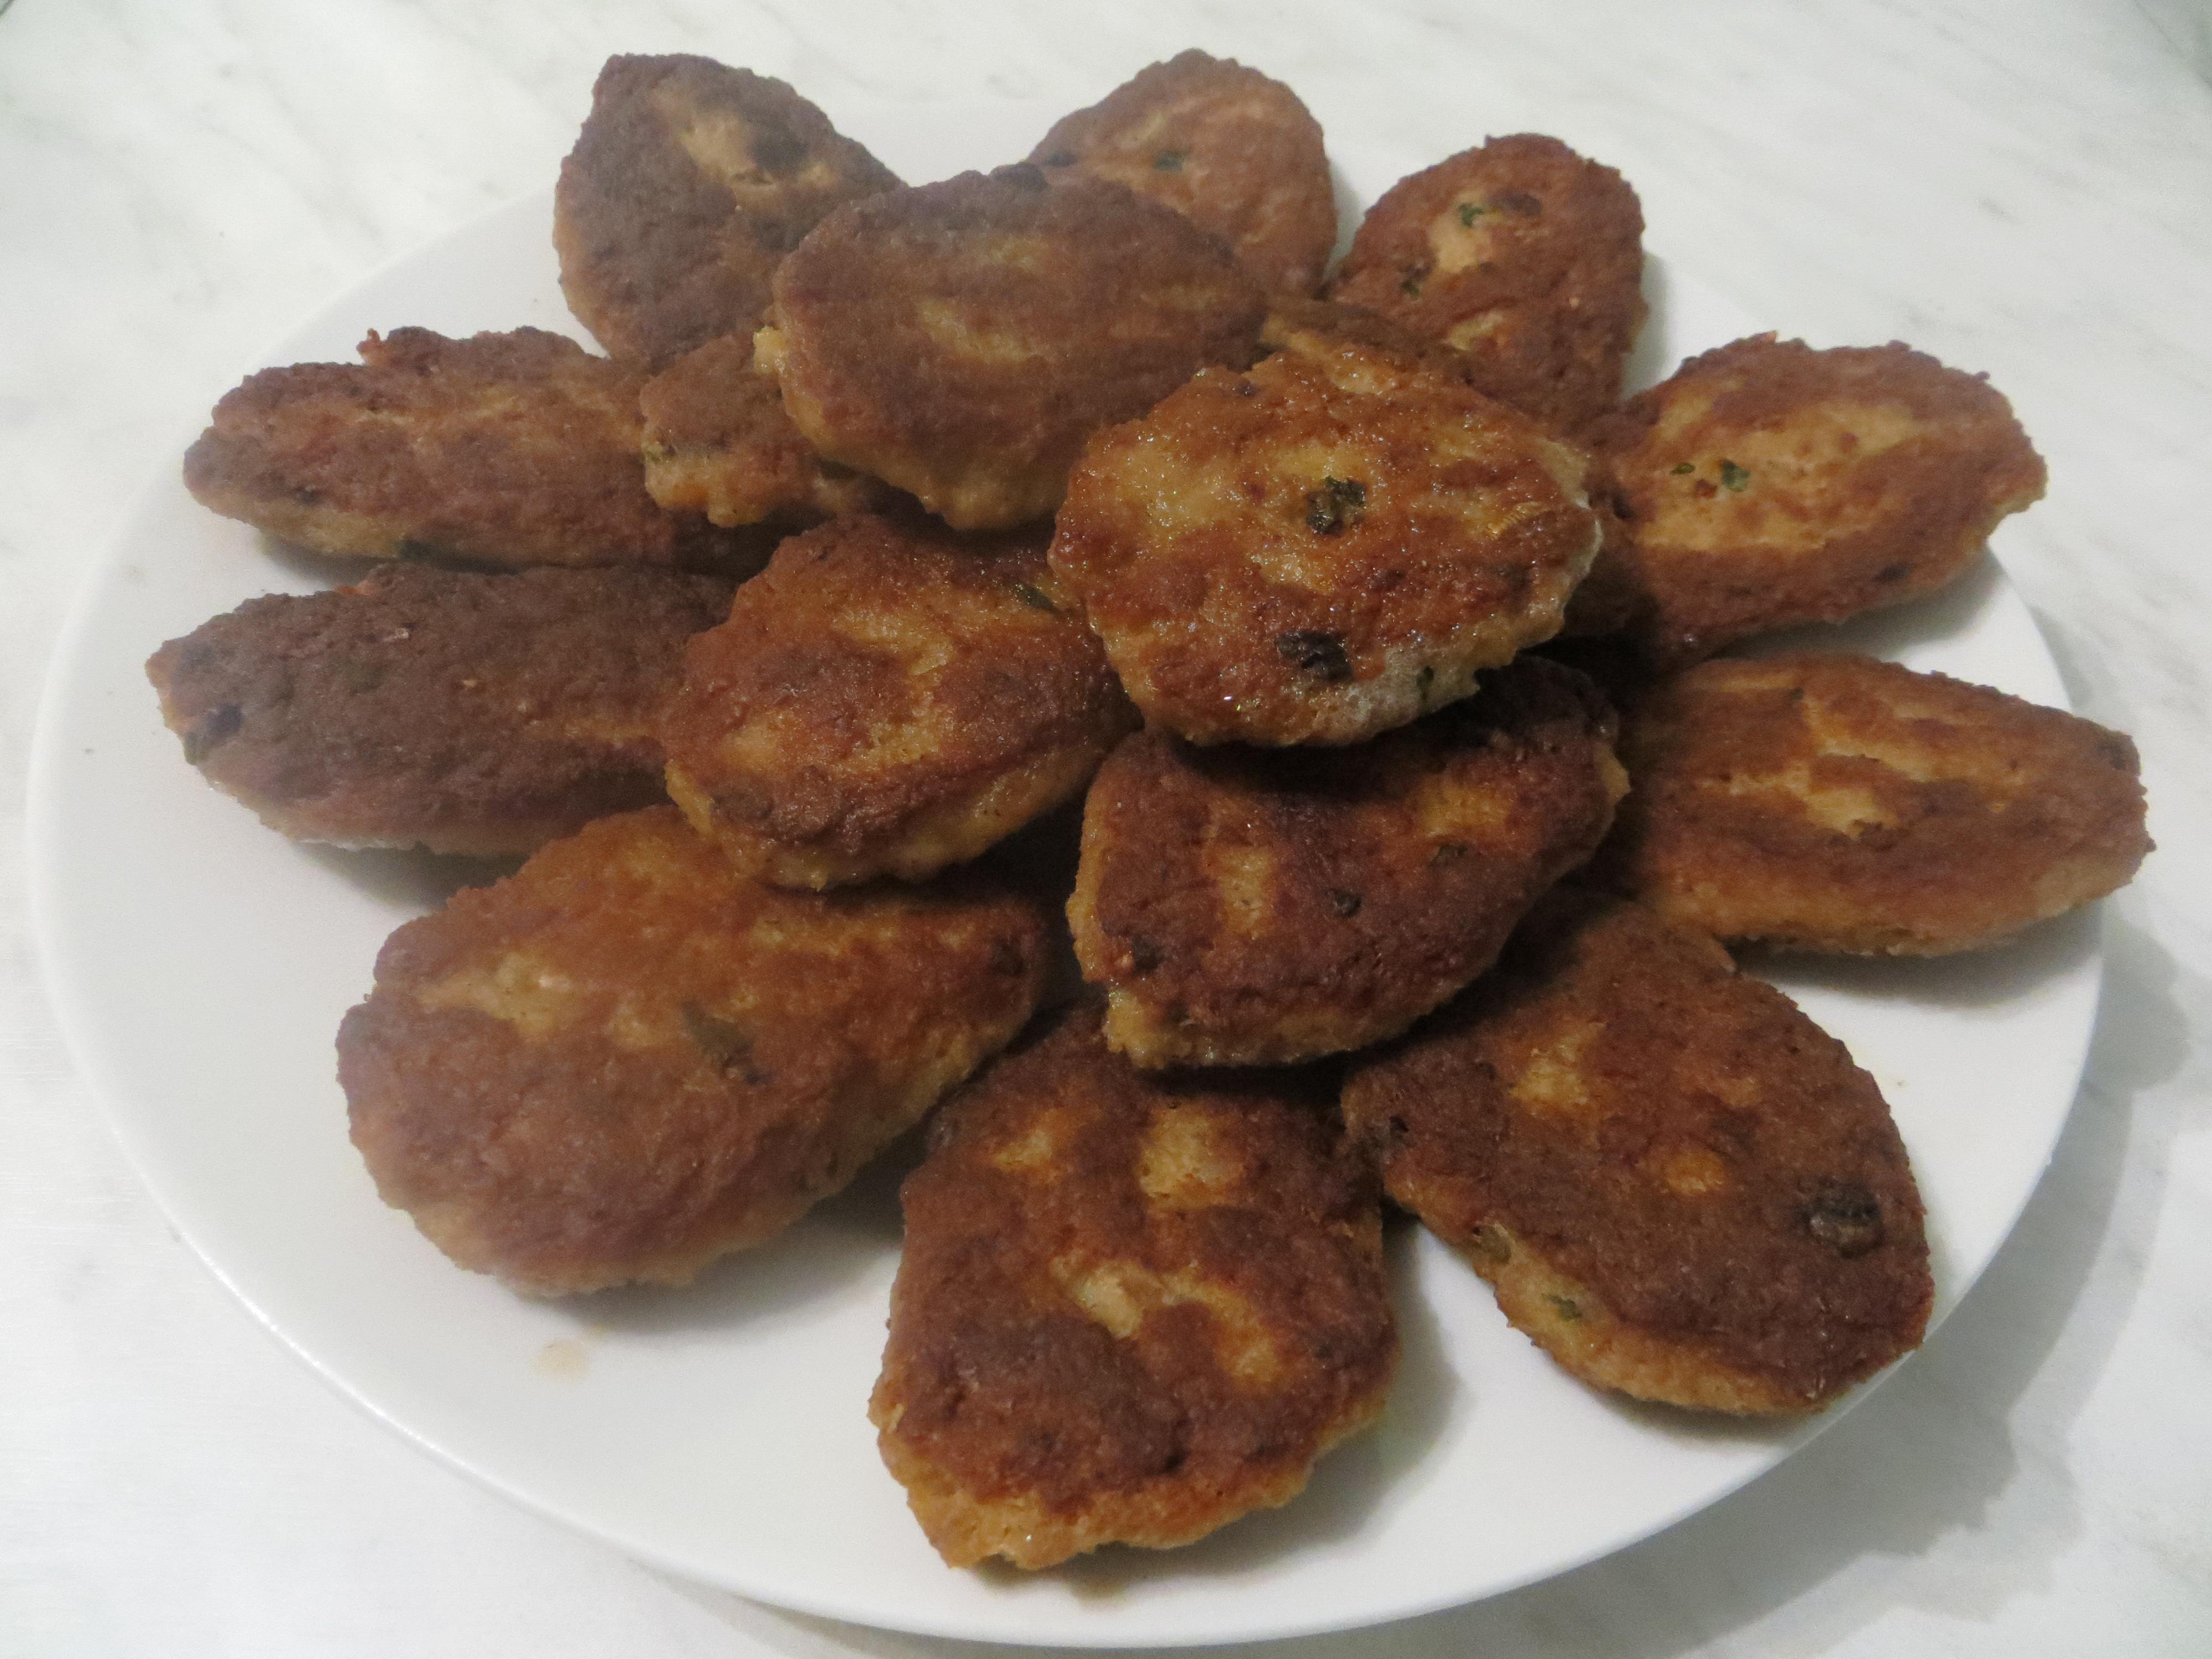 Коржи для торта рецепт с фото пошагово рассказ маленький